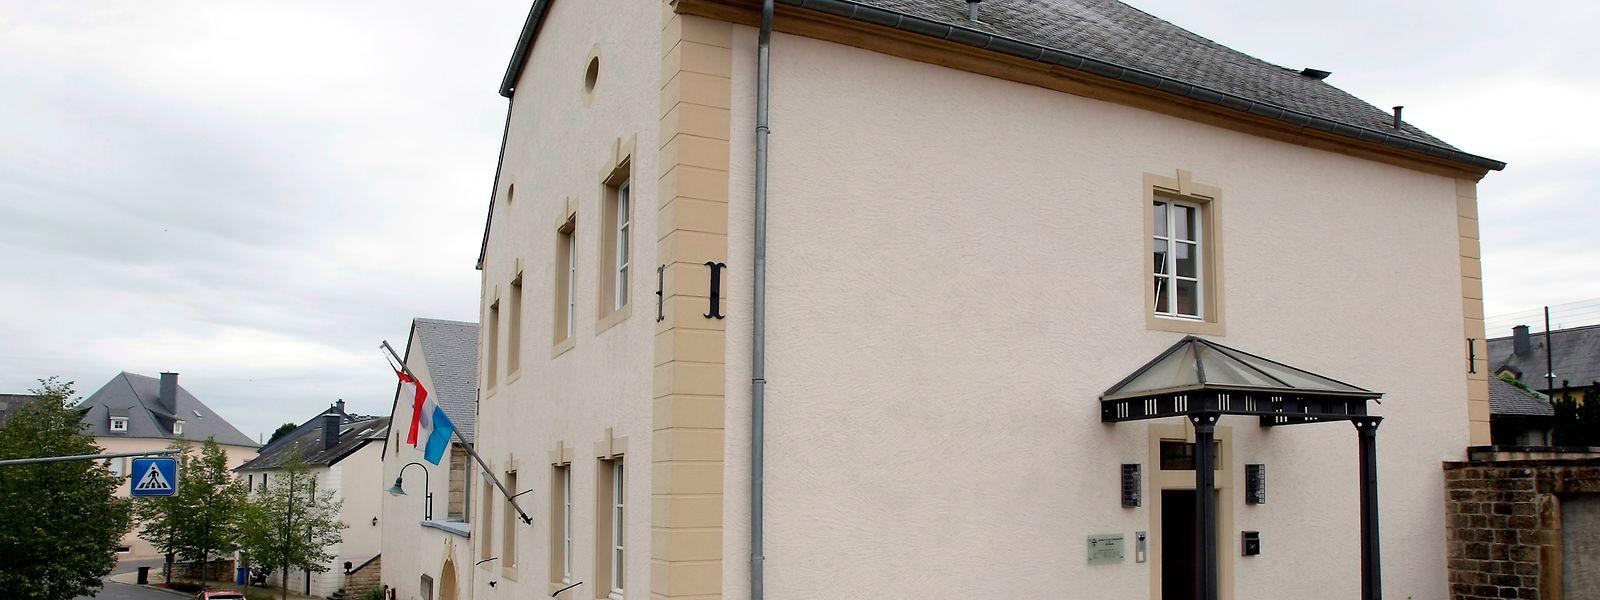 Das ehemalige Pfarrhaus ist heute Sitz der Gemeinde Heffingen. Zweimal wurde das Gebäude durch eine Feuersbrunst zerstört und wieder aufgebaut.